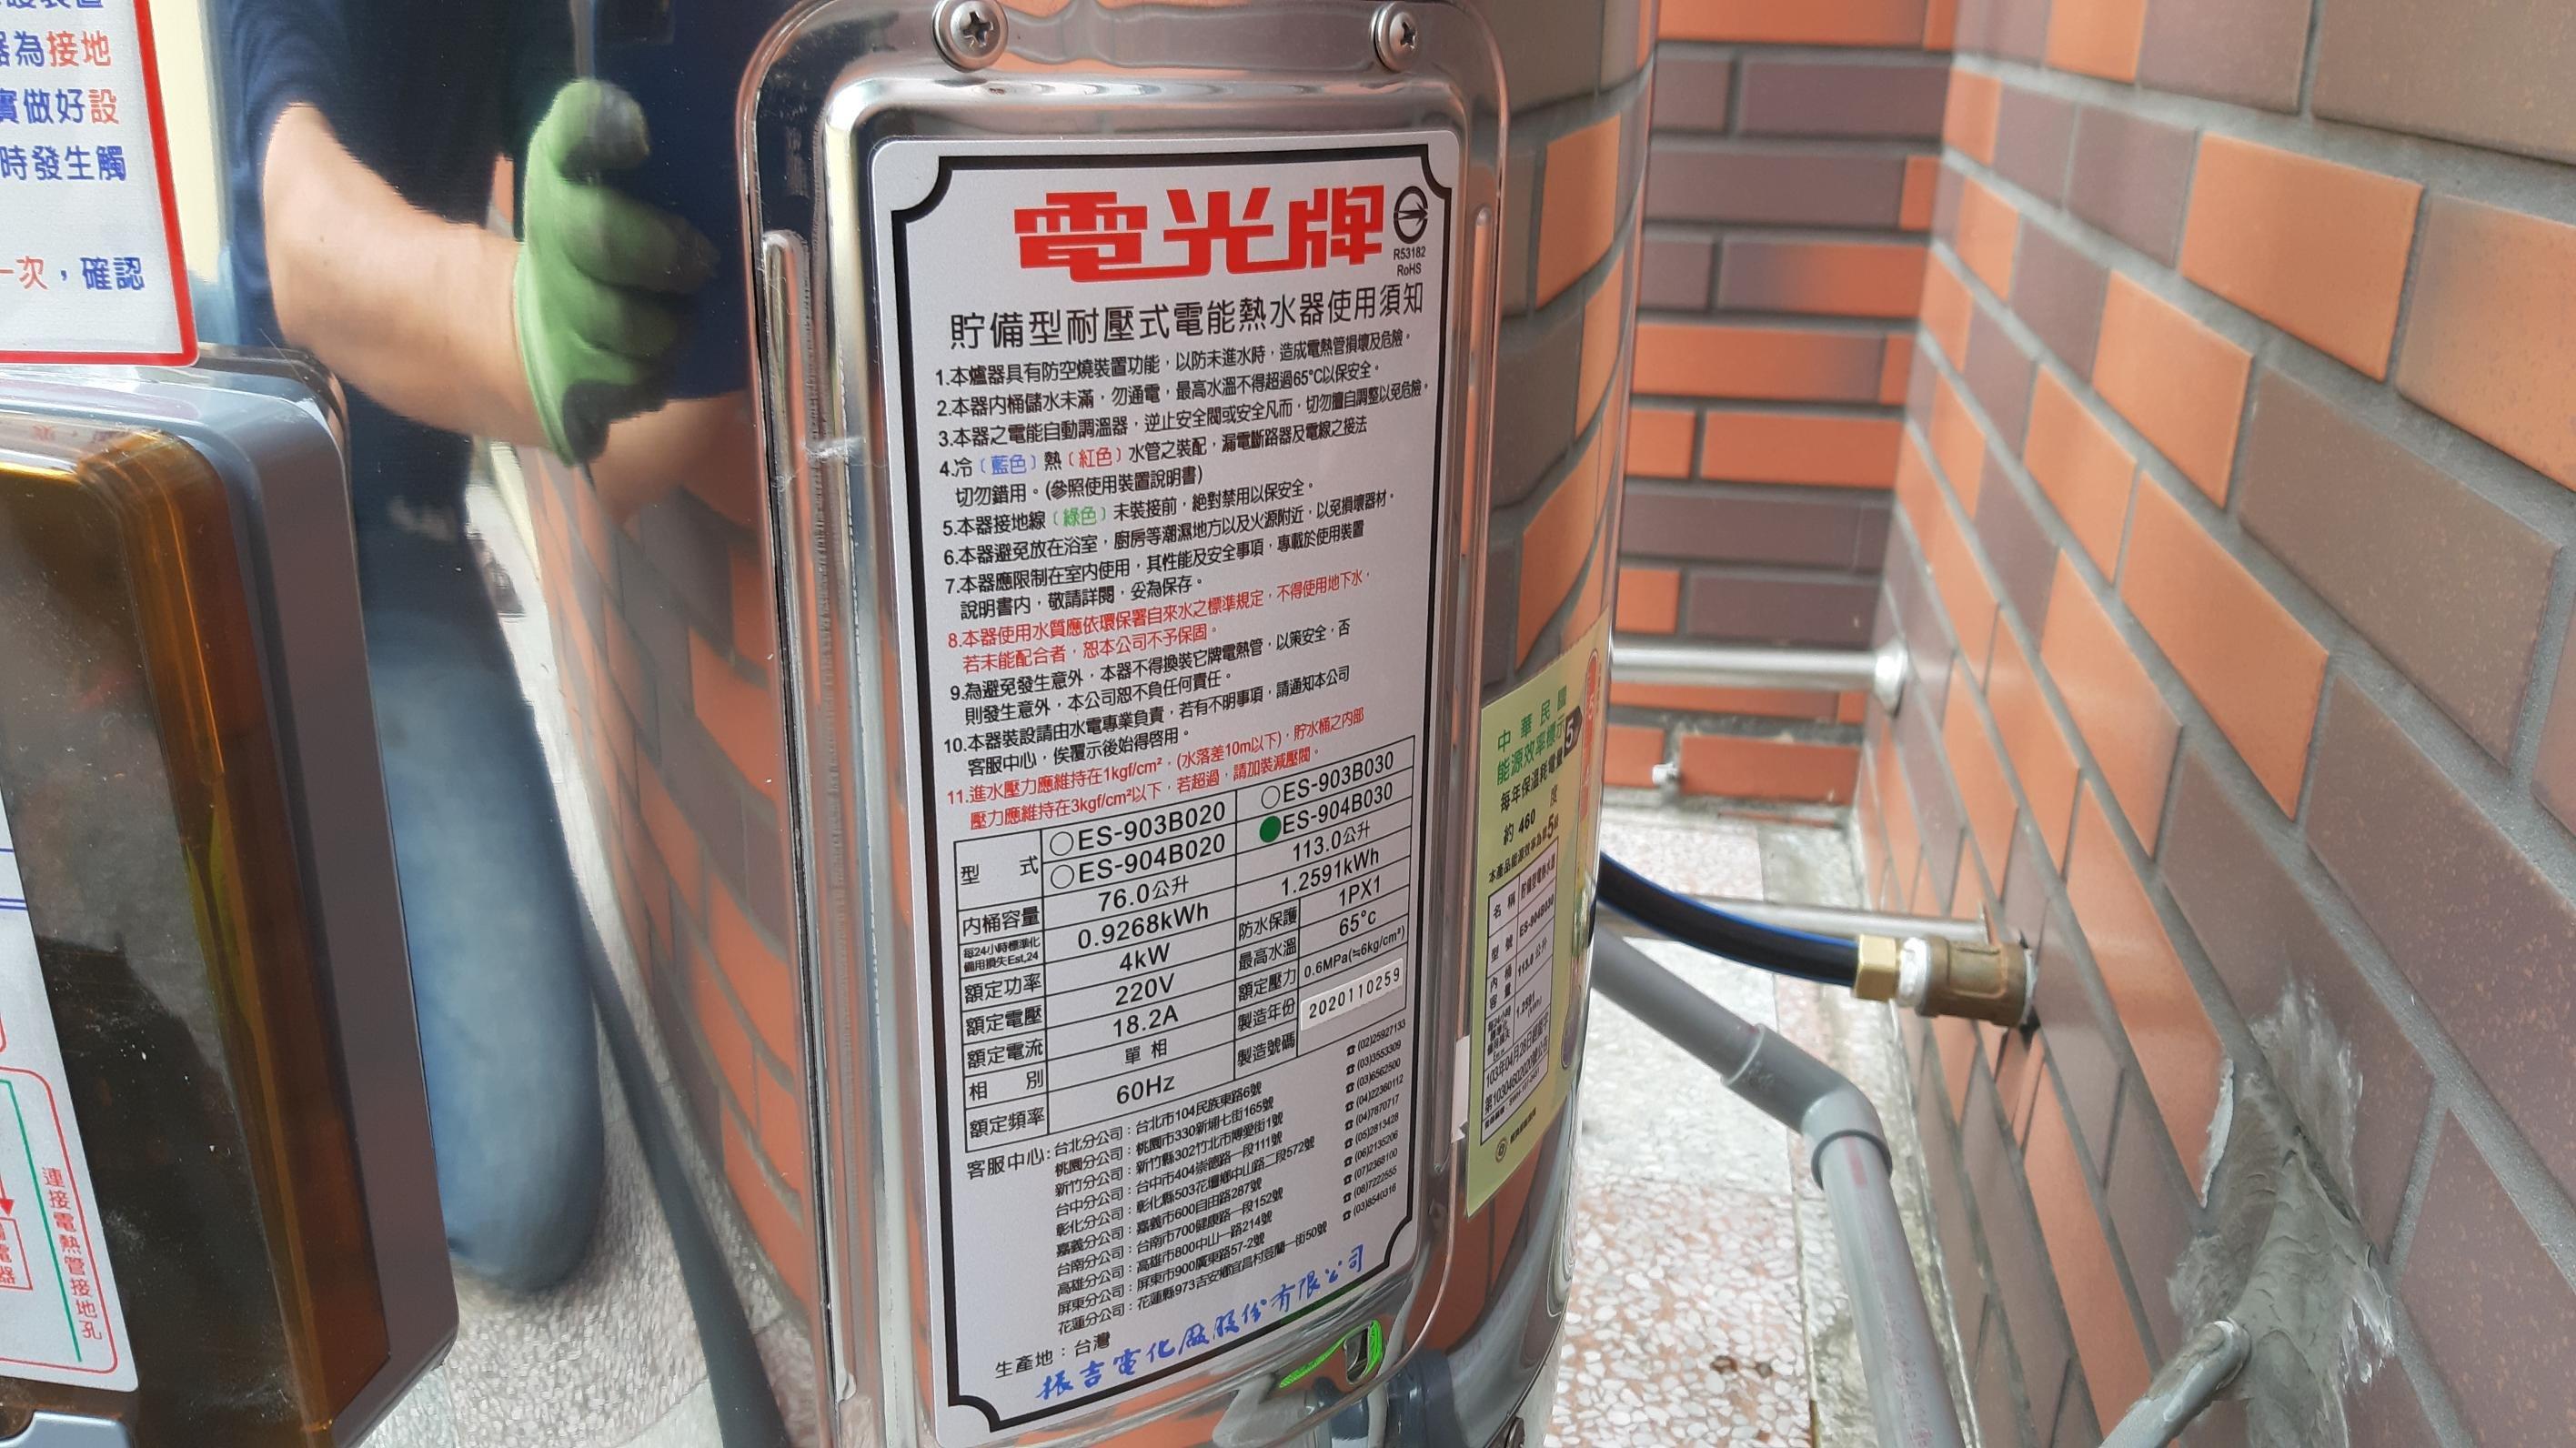 電光牌 電熱水器 30加侖 117公升 裝到好 另~三久太陽能熱水器 停車場柵欄機 老羅工程